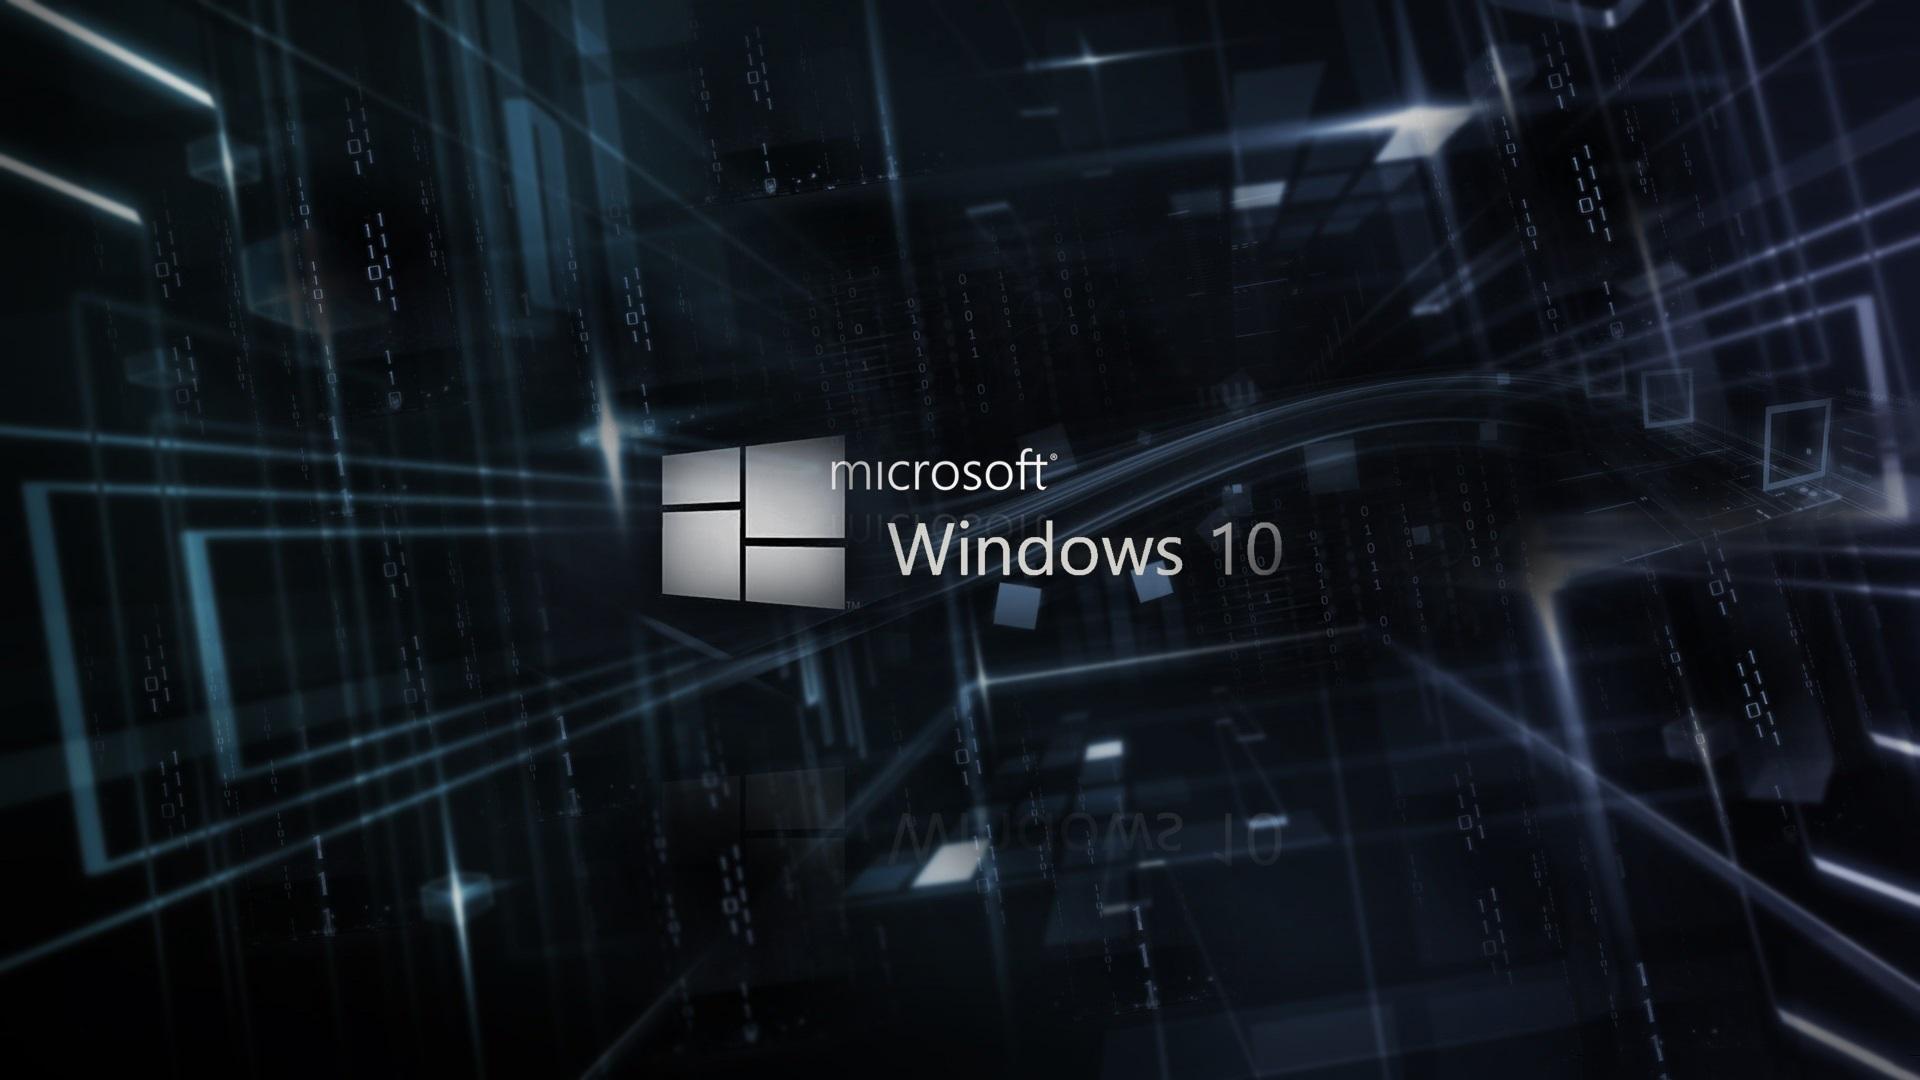 microsoft windows103d 1920x1080 full hd hd 169 1366x7681600x9001920x1080 voltagebd Images